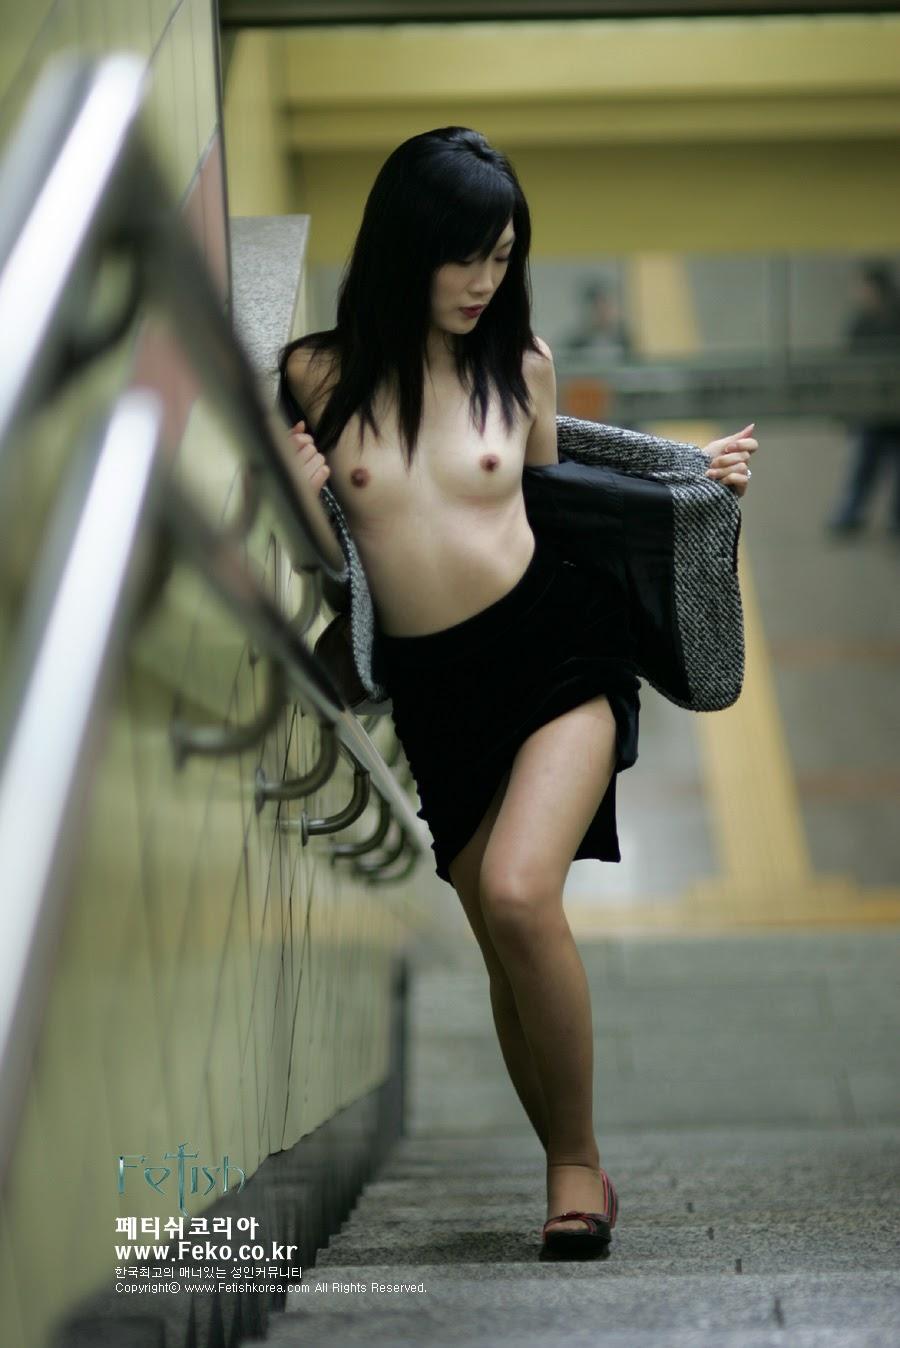 Fetishkorea.MD189.rar.fk05_0321_016 Fetishkorea.MD189.rar